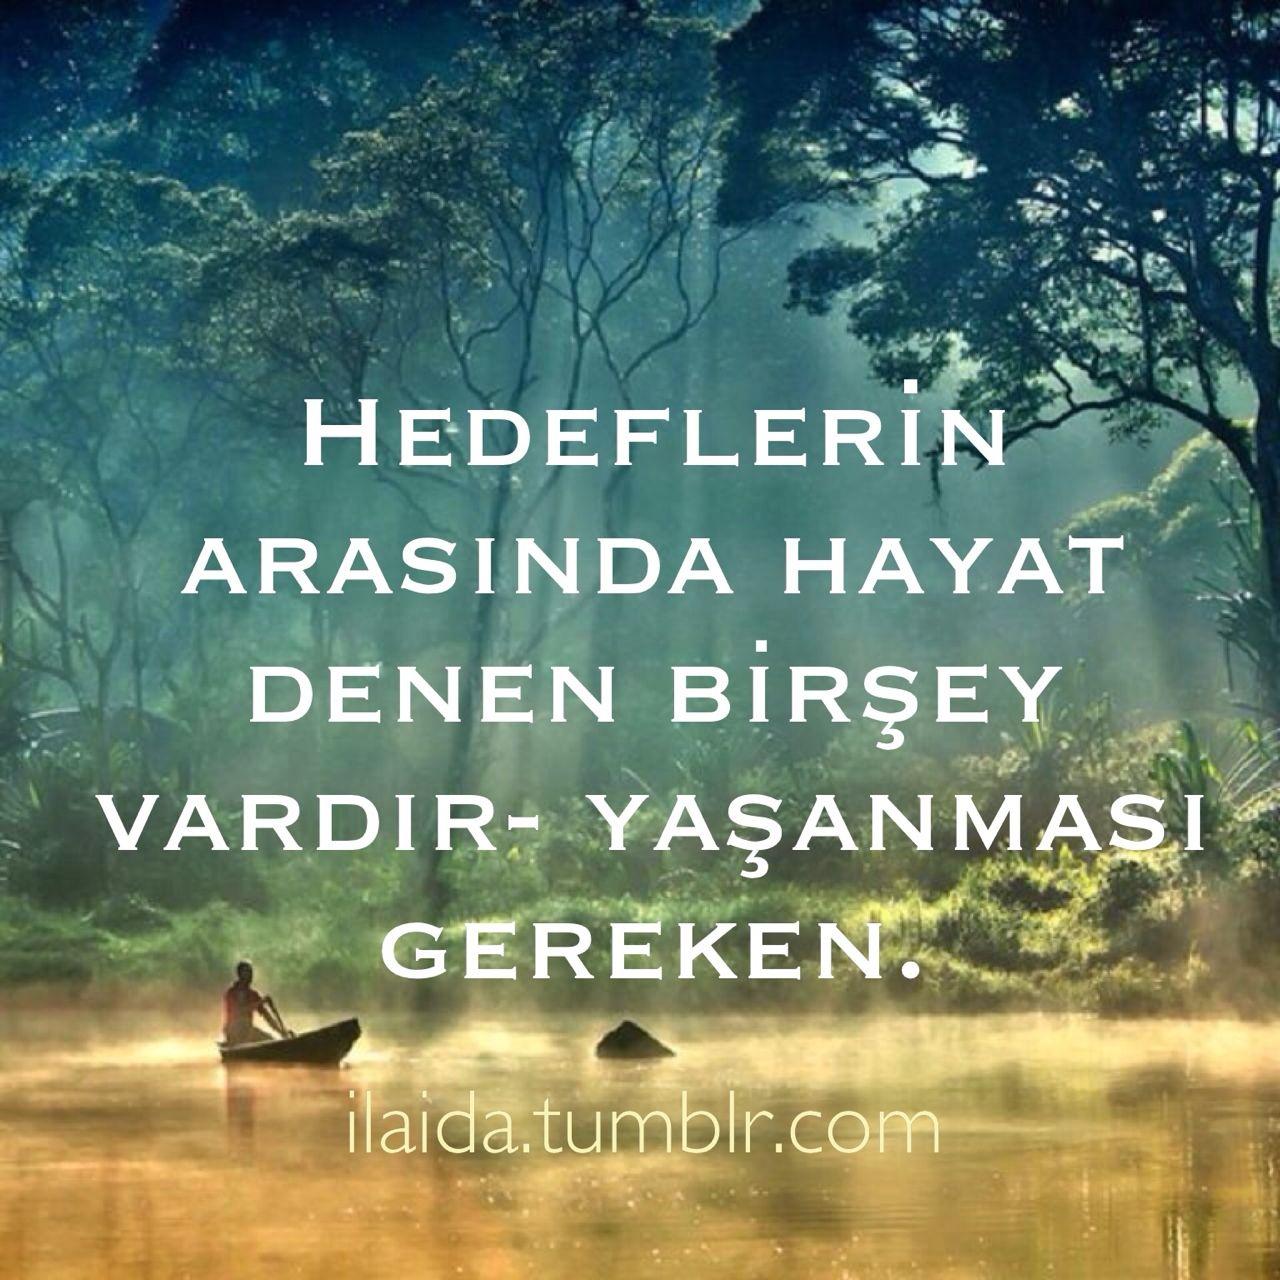 Guzel Sozler Turkish Quote Ilaida Tumblr Com Turkish Quotes Quotes Life